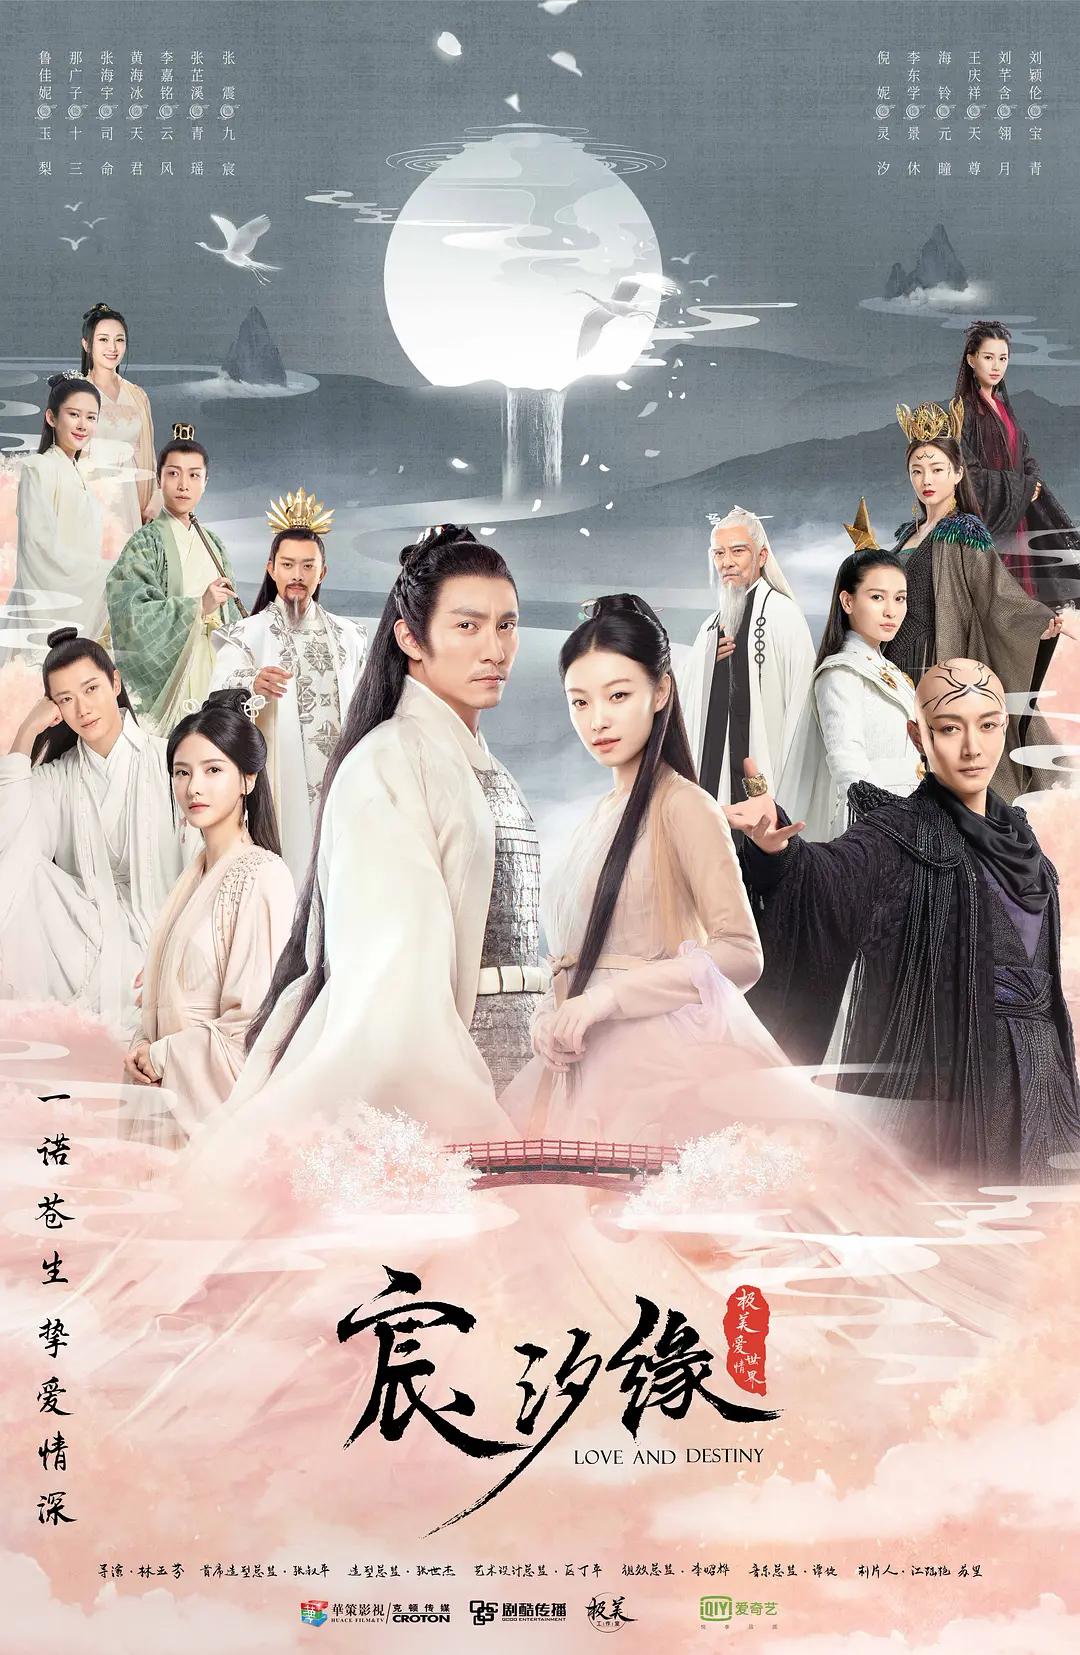 古装仙侠剧《宸汐缘》获得2020年国际艾美奖最佳电视连续剧的提名。